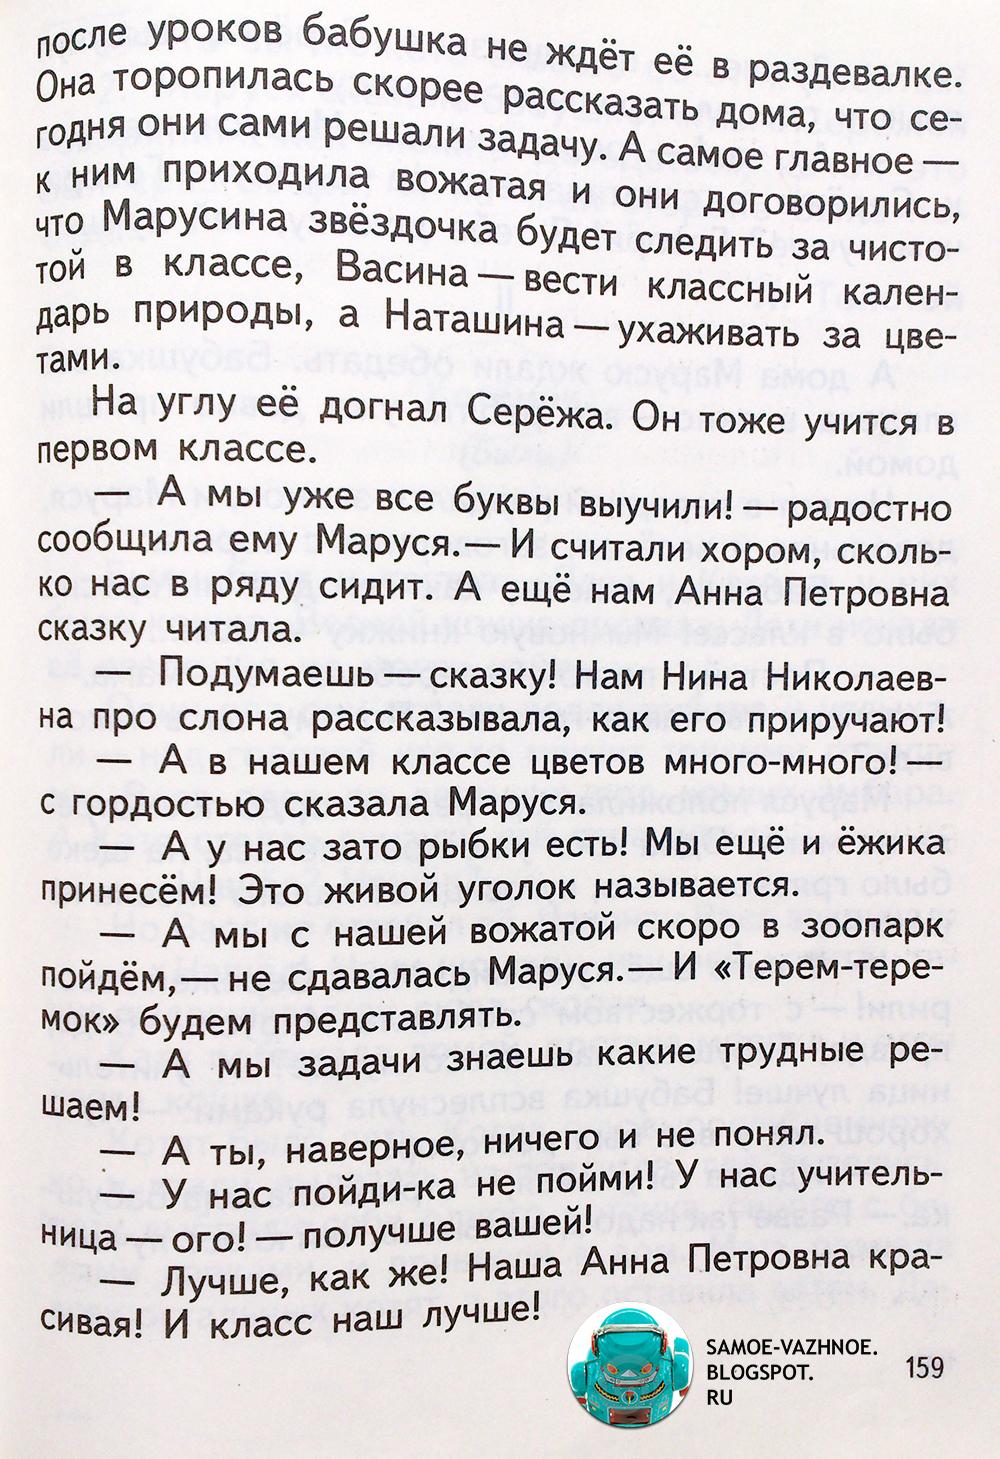 Школьные учебники СССР. Советские школьные учебники